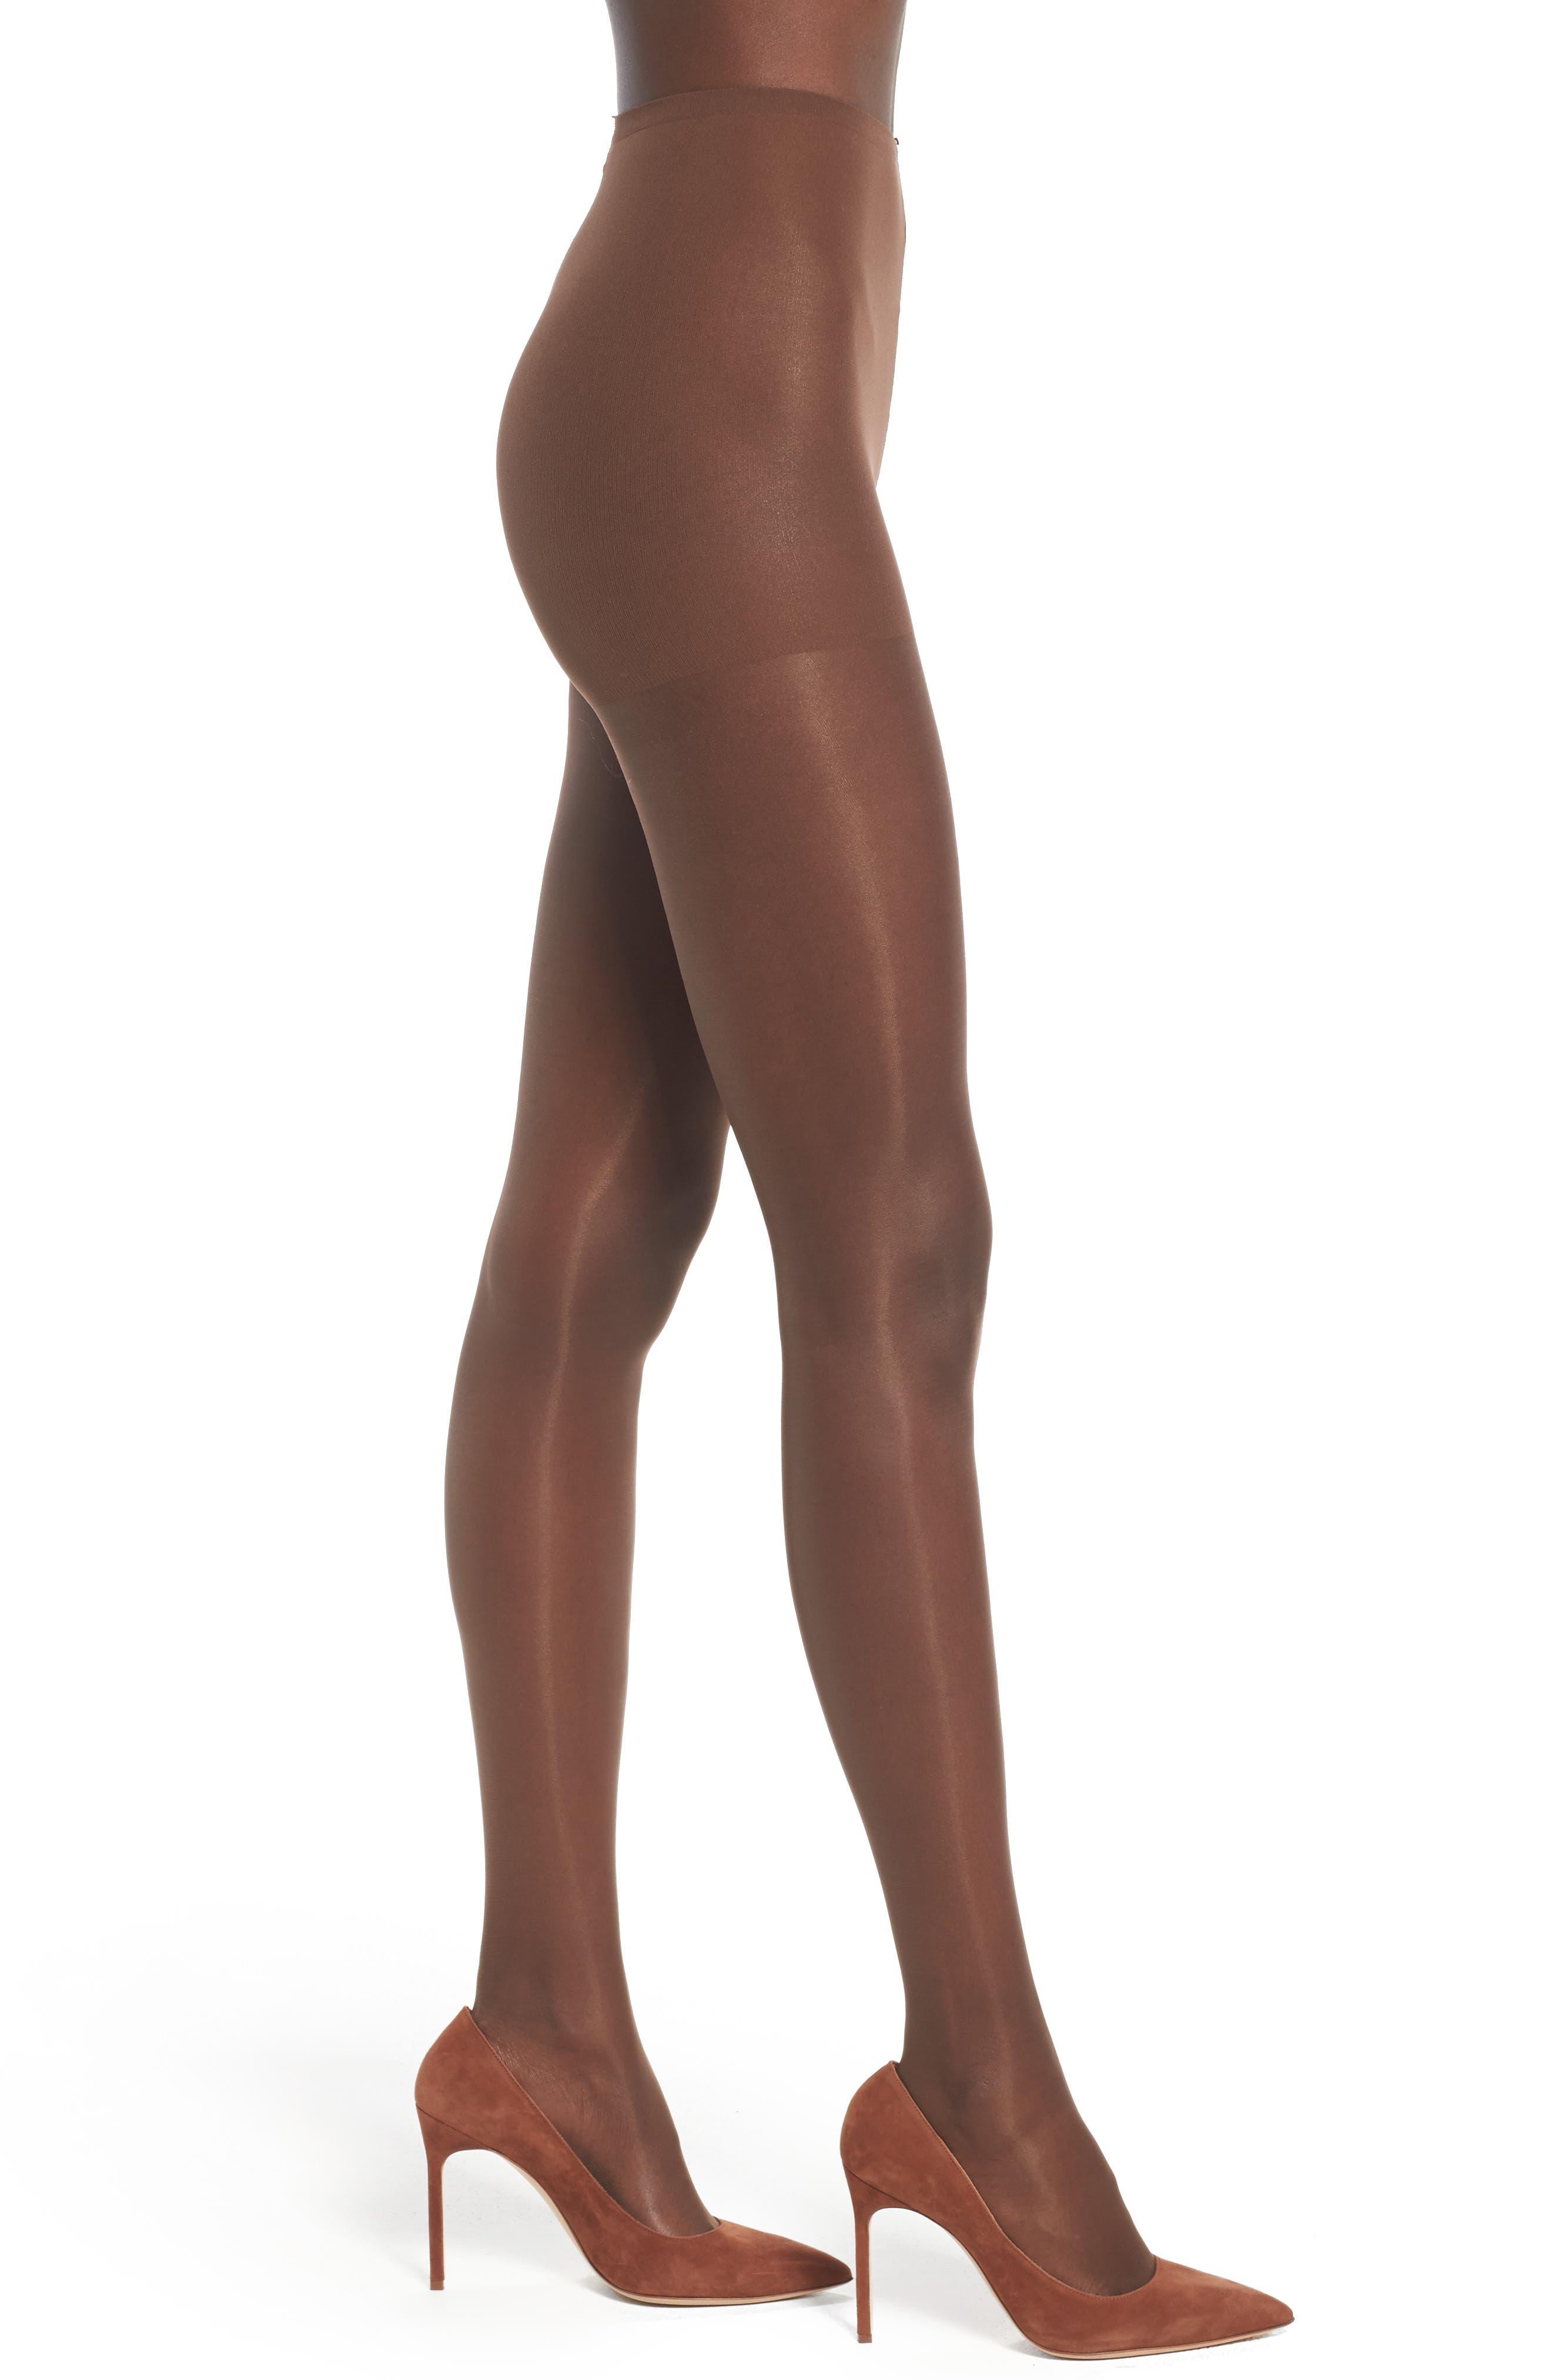 Nubian Skin Glossy Sheer Pantyhose